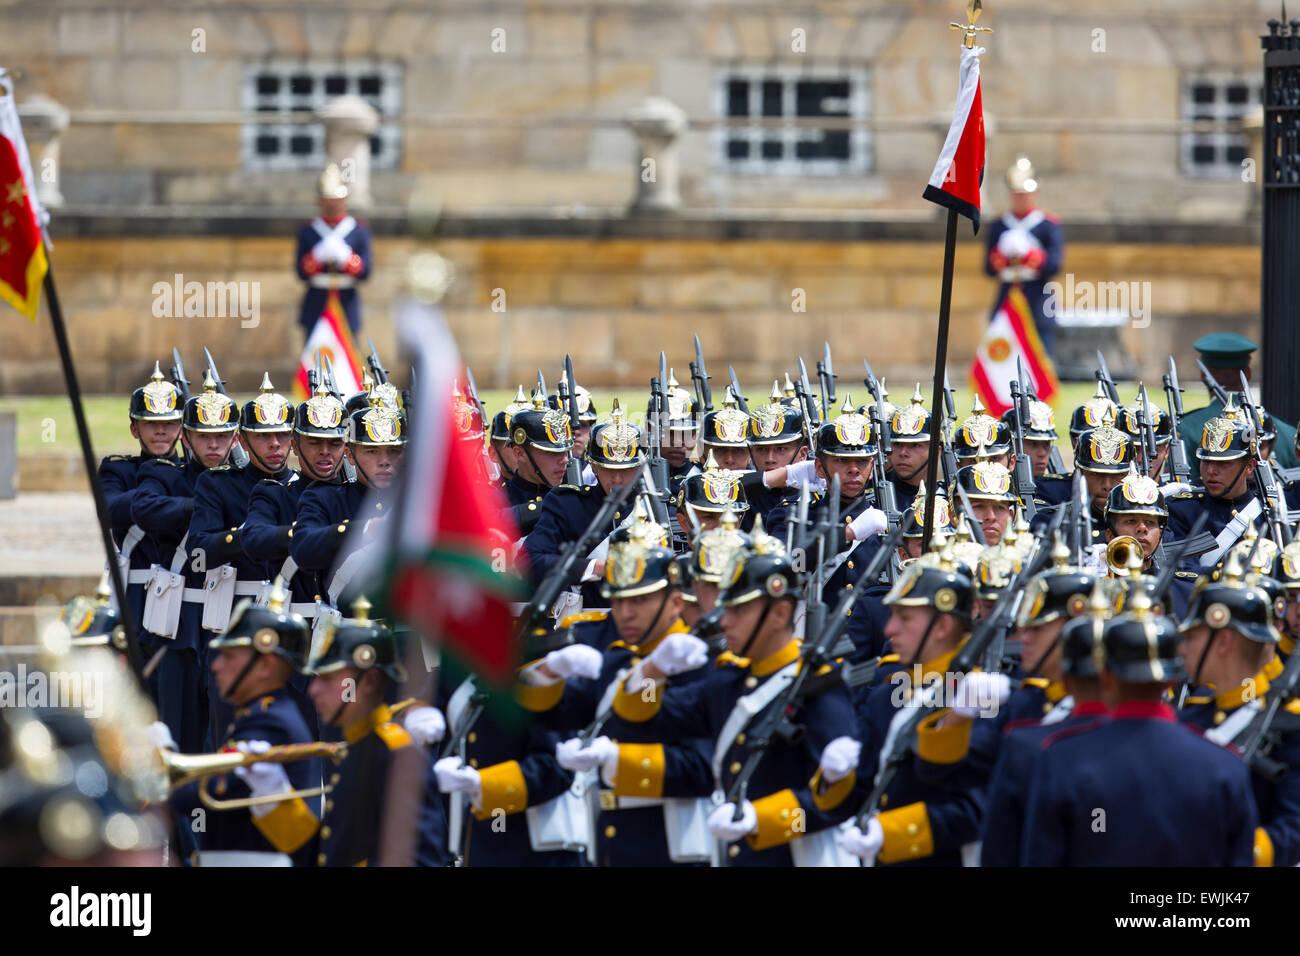 La guardia ceremonial y marchando banda militar al llegar a la residencia del Presidente en Bogotá, Colombia Imagen De Stock